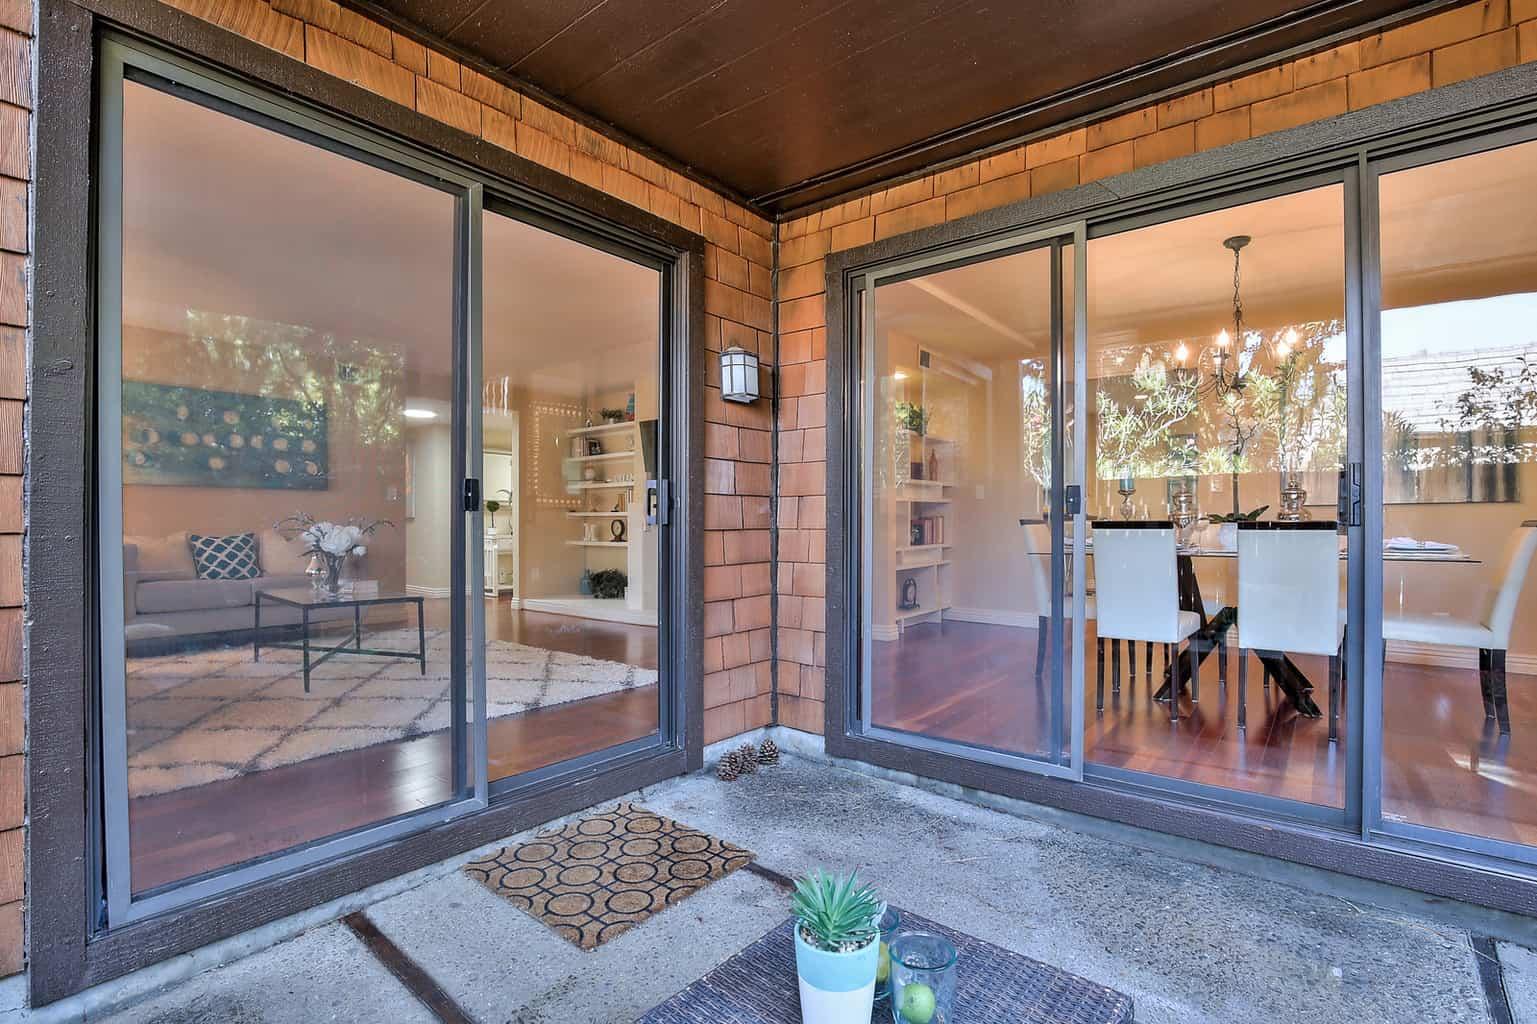 531 Thain Way Palo Alto Ca 94306 Urban Realtor